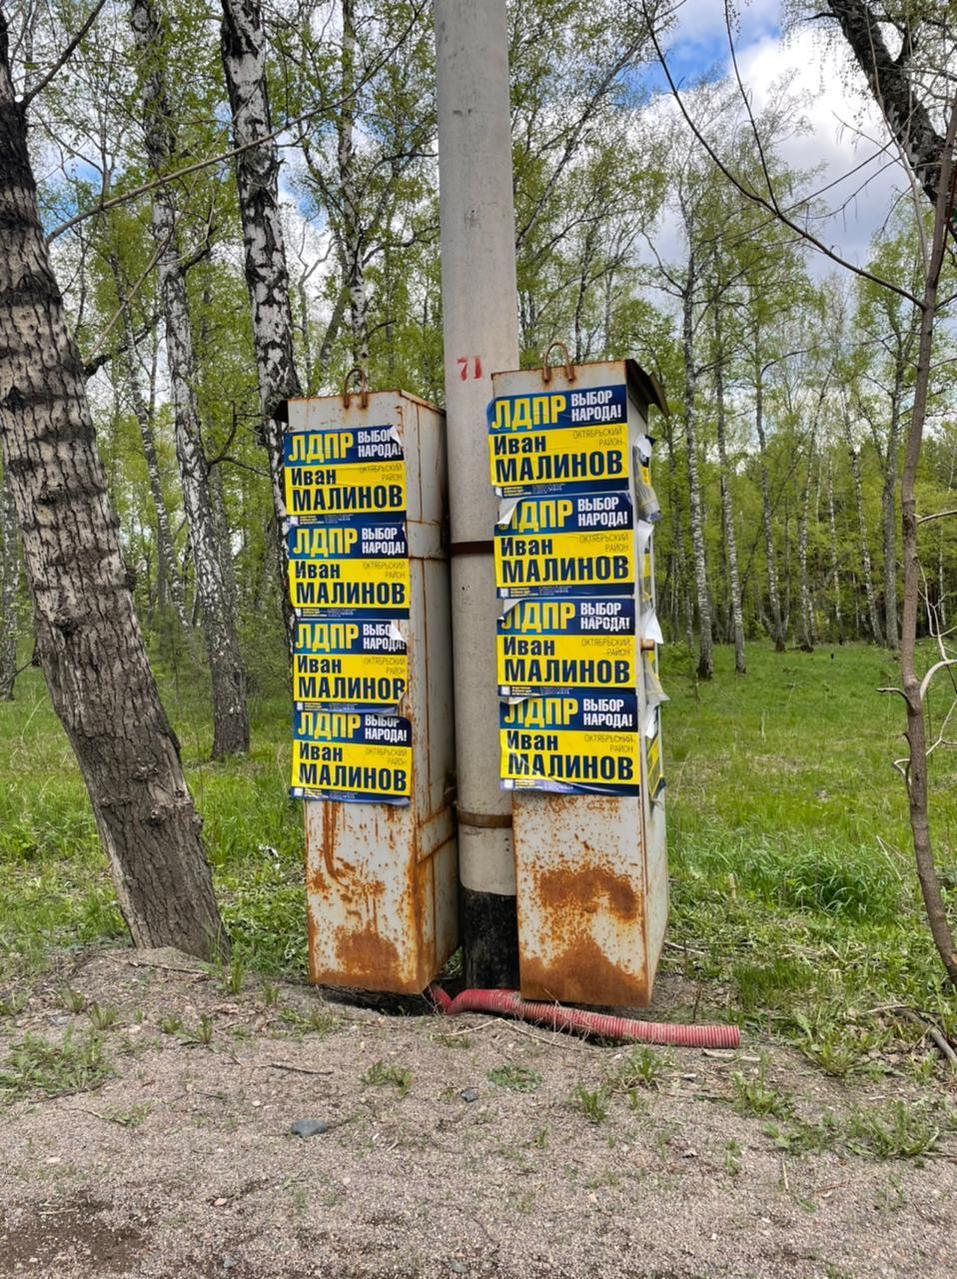 Александр Глисков опроверг слухи о смене политической ориентации   2